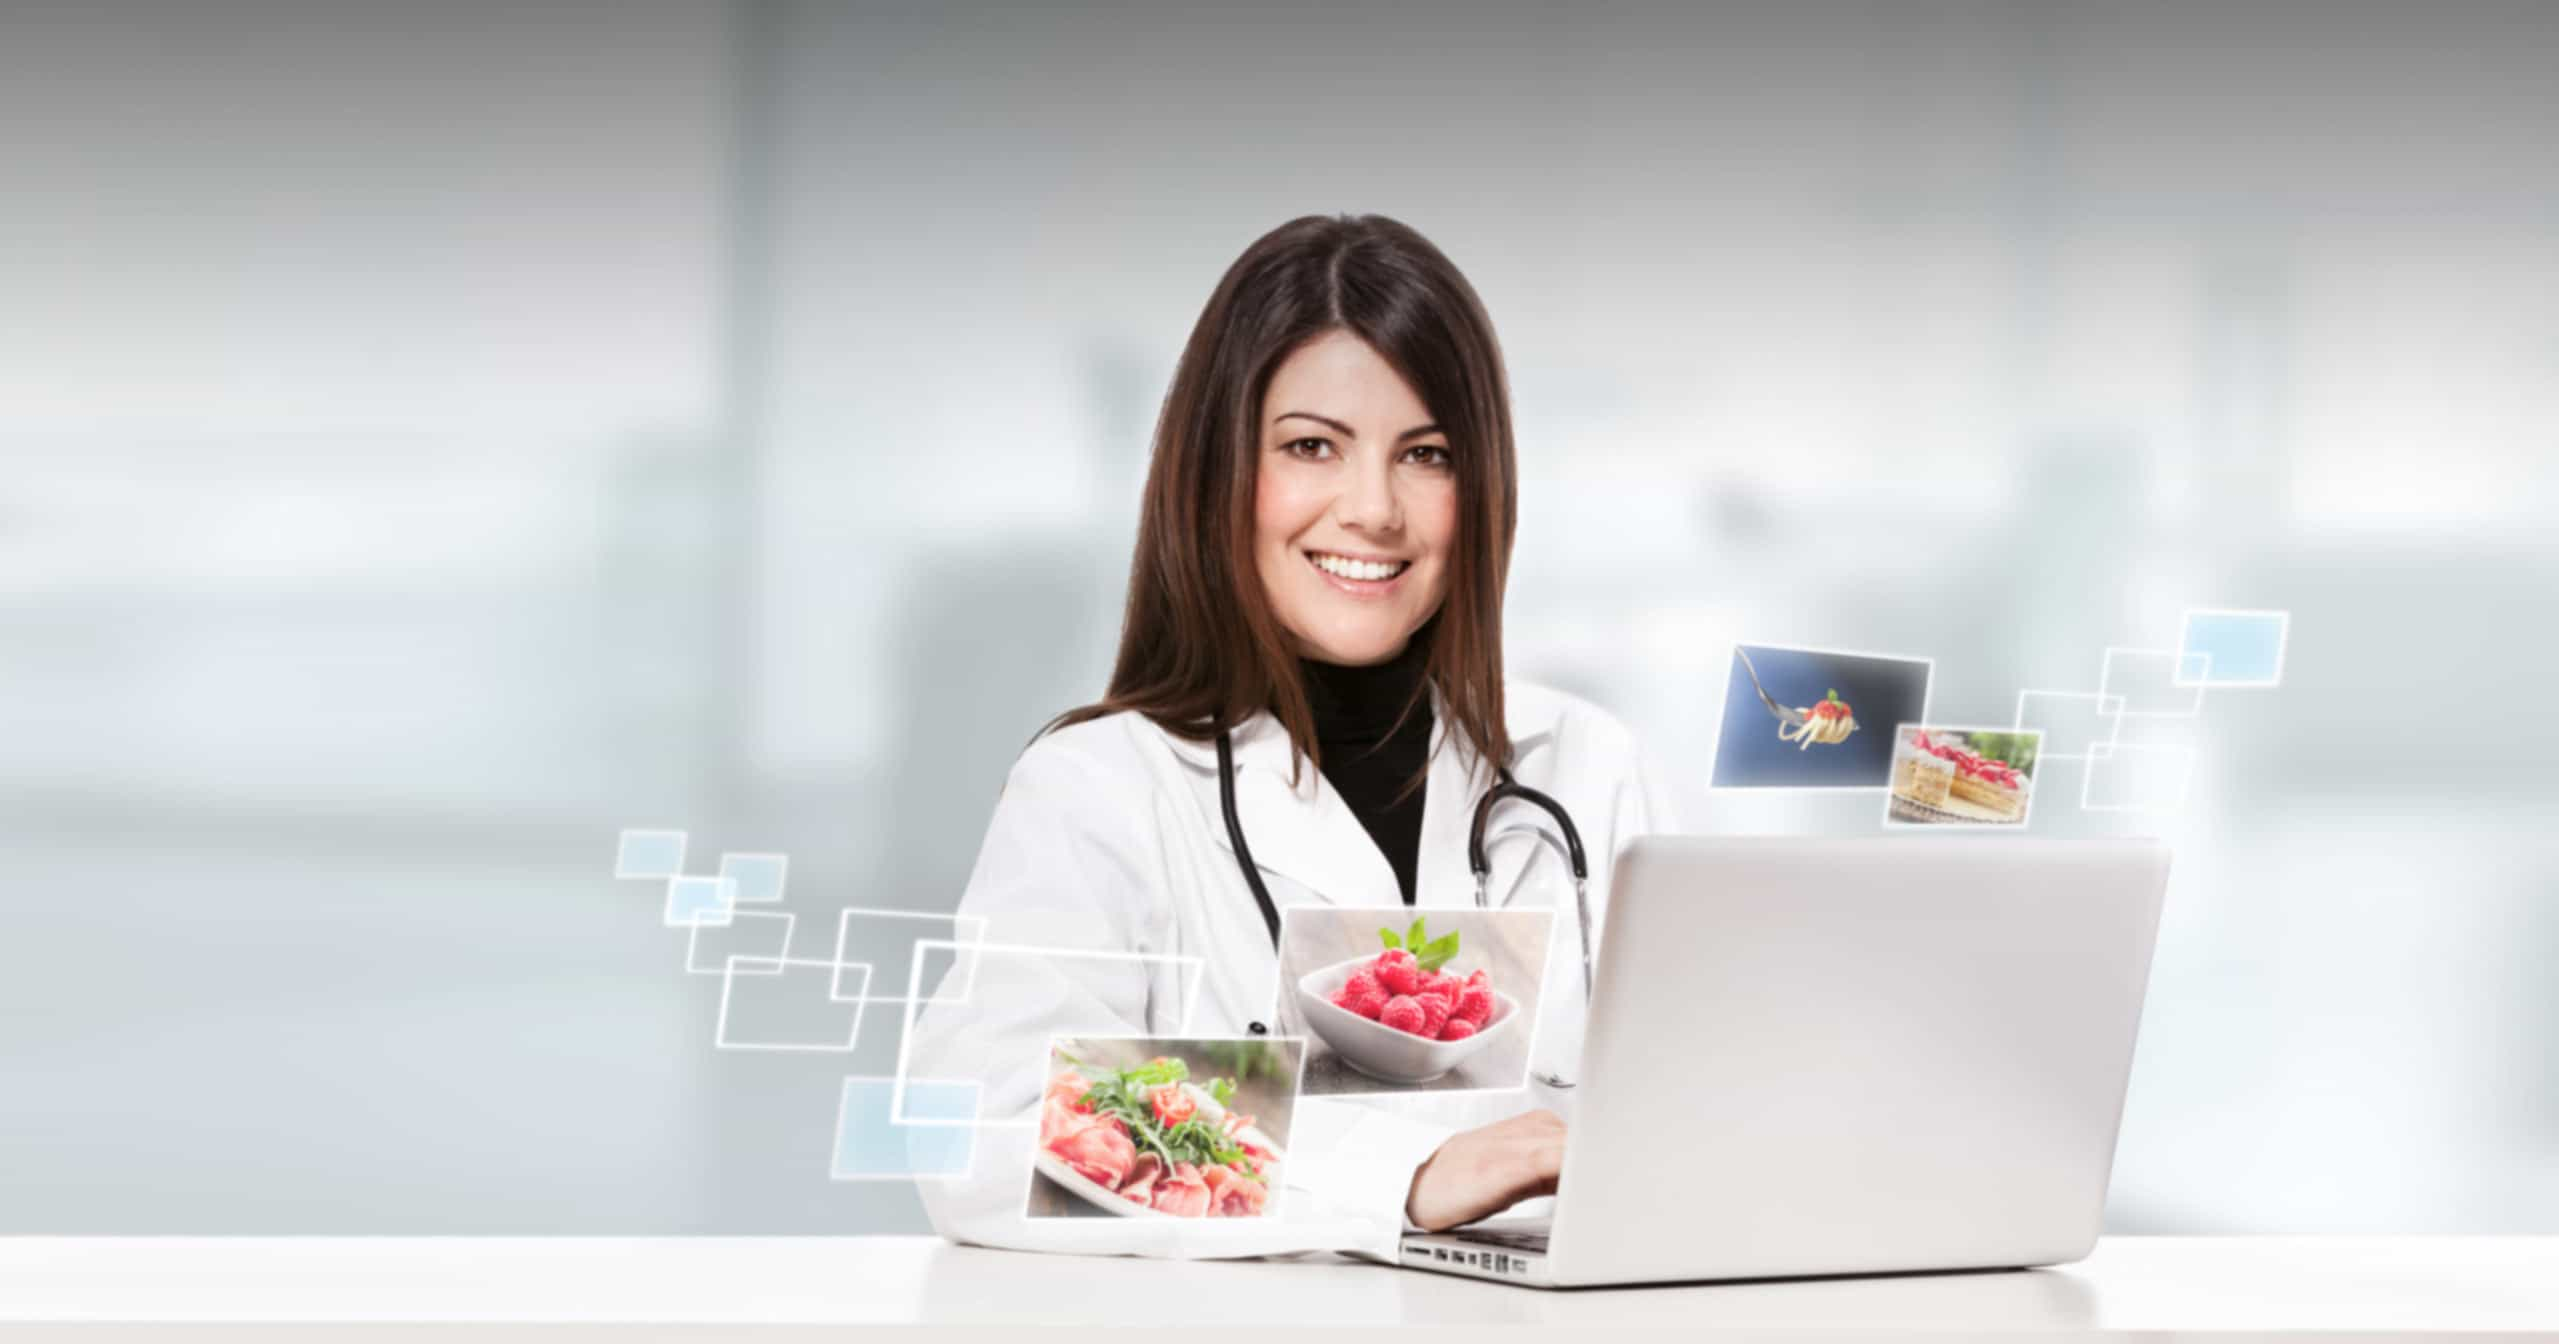 curso de nutrición online